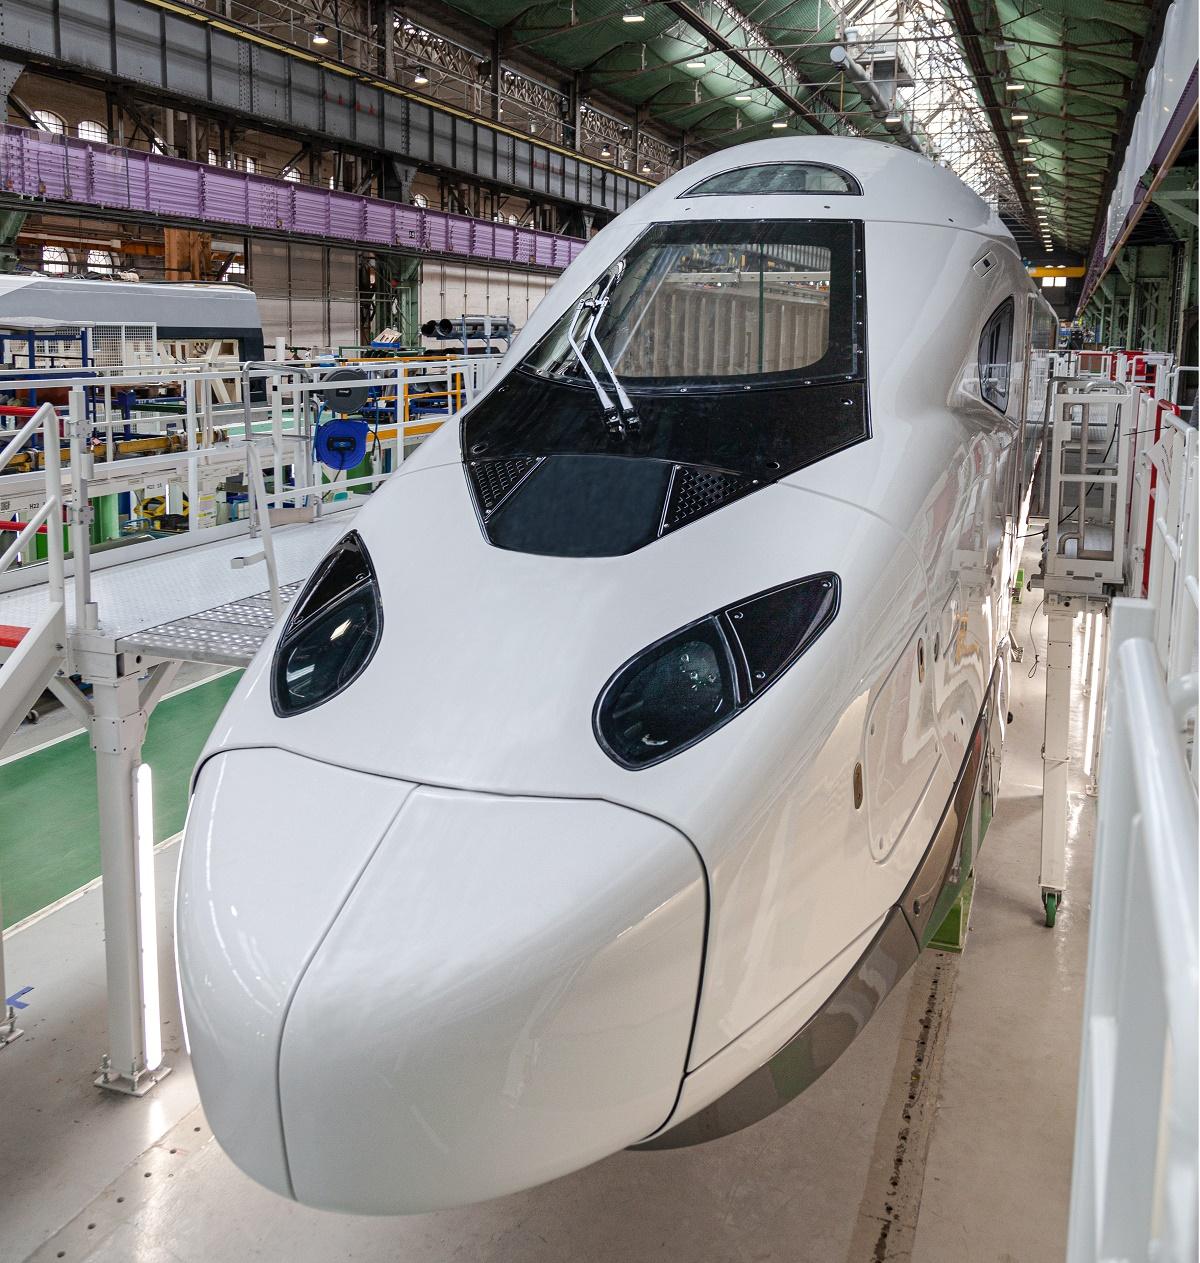 La nouvelle motrice TGV M dévoilé par Alstom et la SNCF - DR